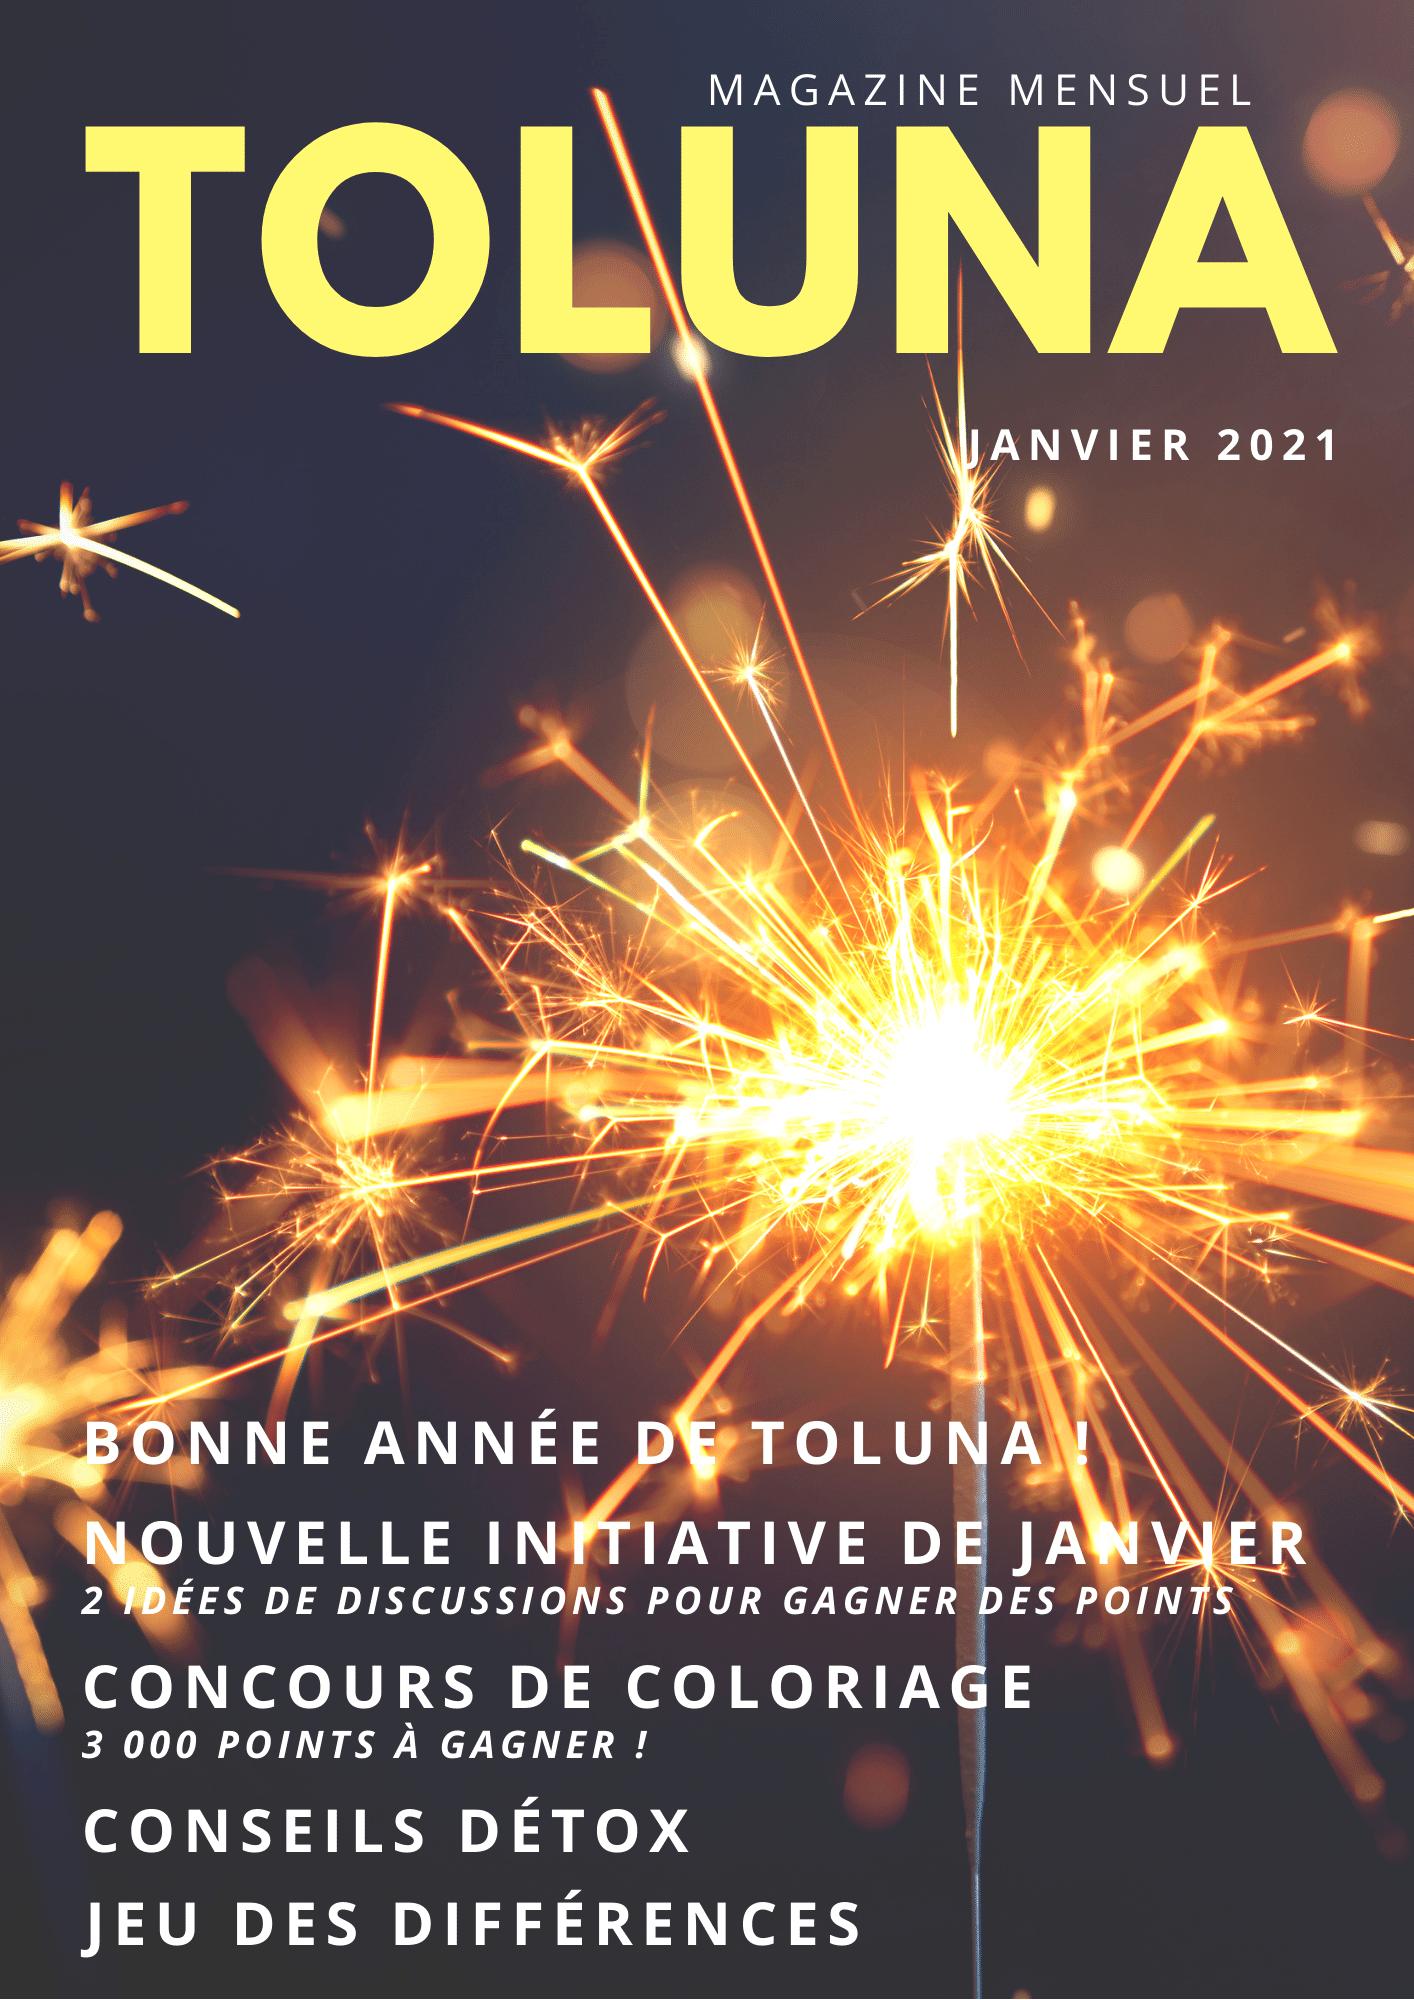 JAN FR Toluna News (3)